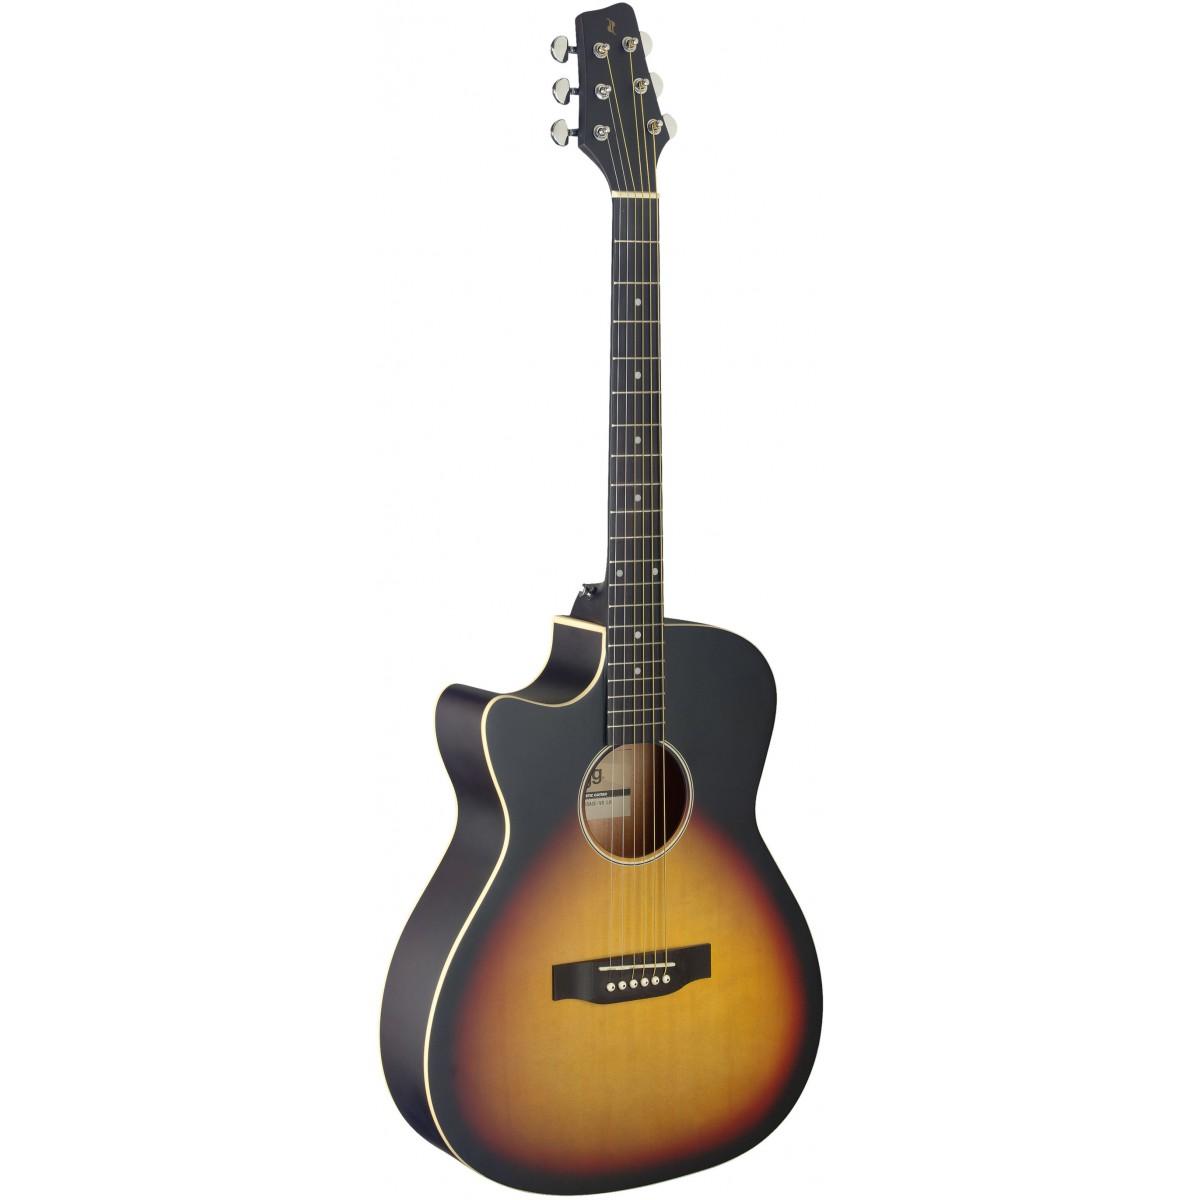 Stagg SA35 ACE-VS LH, elektroakustická kytara levoruká